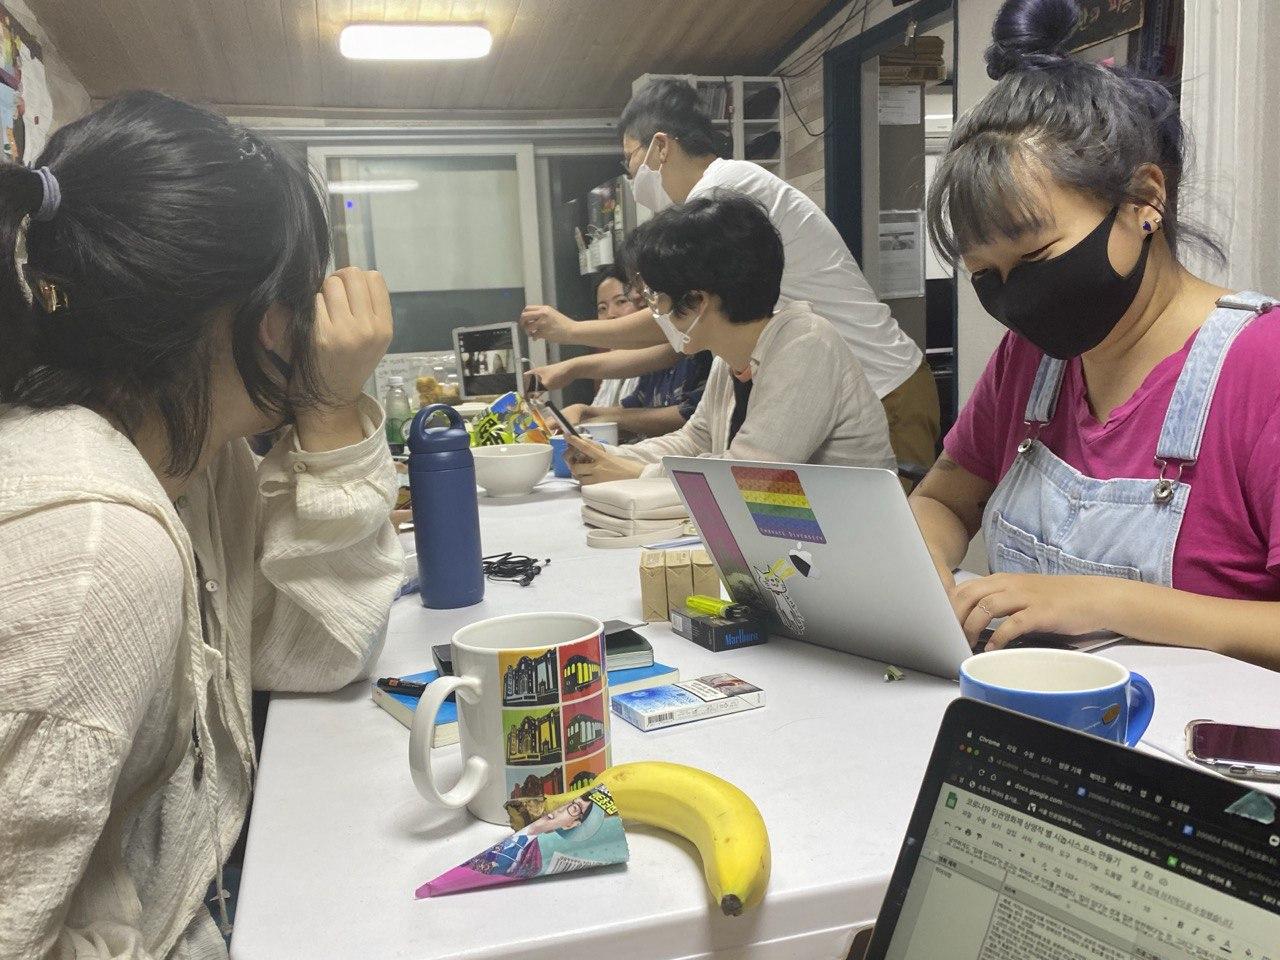 [그림1. 오프라인 참여를 하는 활동가들이 세로로 긴 책상에 모여 앉아있다. 온라인 참여를 하는 활동가들도 있다. 책상 위에는 회의에 필요한 노트북과 화상 회의를 위한 아이패드가 놓여있다. 온라인 참여를 하는 활동가와 오프라인 참여를 하는 활동가가 아이패드로 소통하고 있다.]